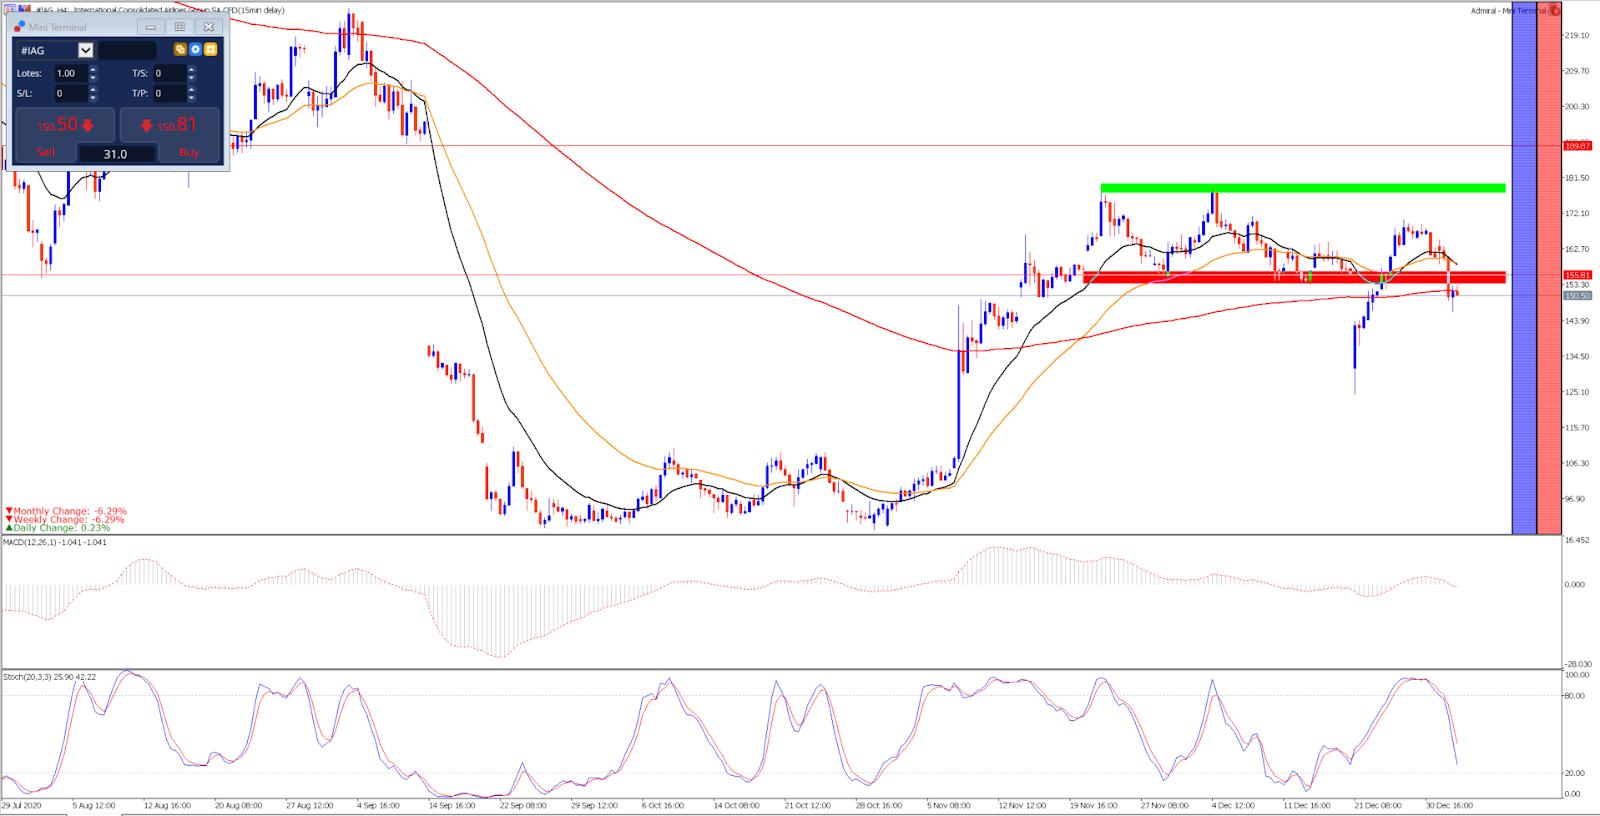 Gráfico de Preços das Ações da IAG - Admiral Markets